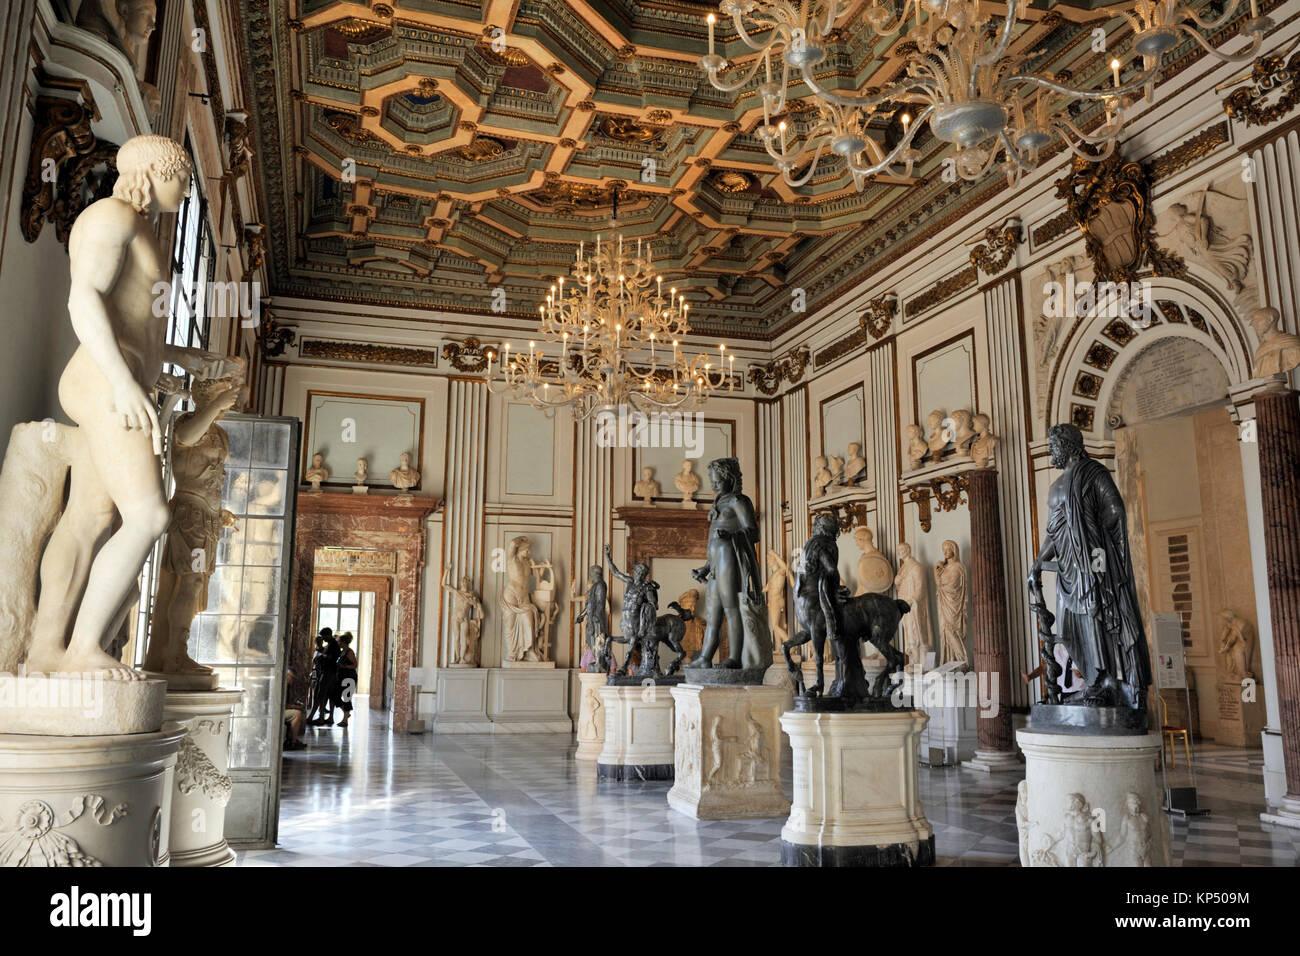 Kronleuchter Palazzo ~ Palazzo nuovo stockfotos & palazzo nuovo bilder alamy